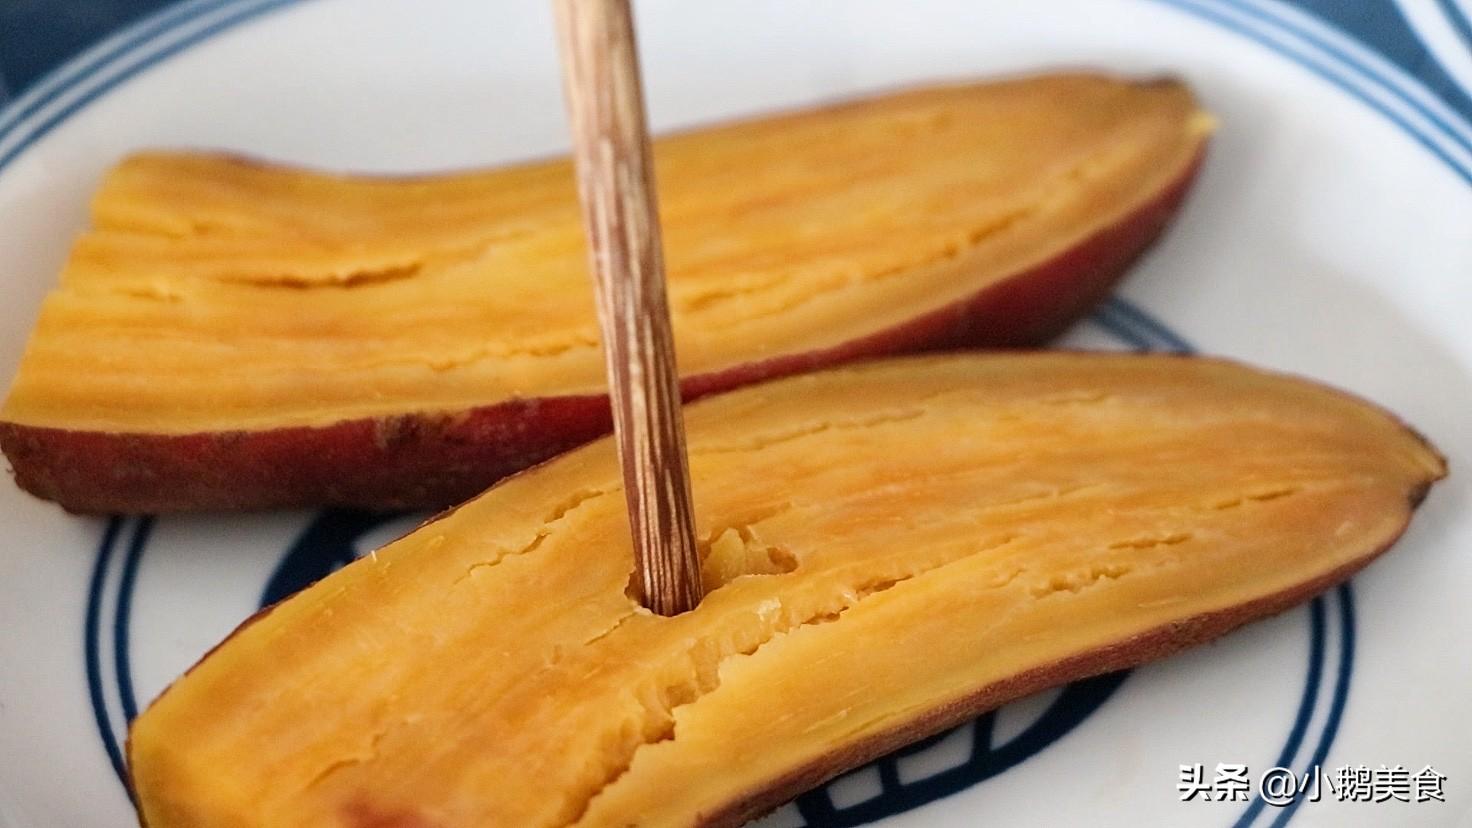 自從糯米粉學會這吃法,3天2頭做一鍋,無油少糖,好吃又健康